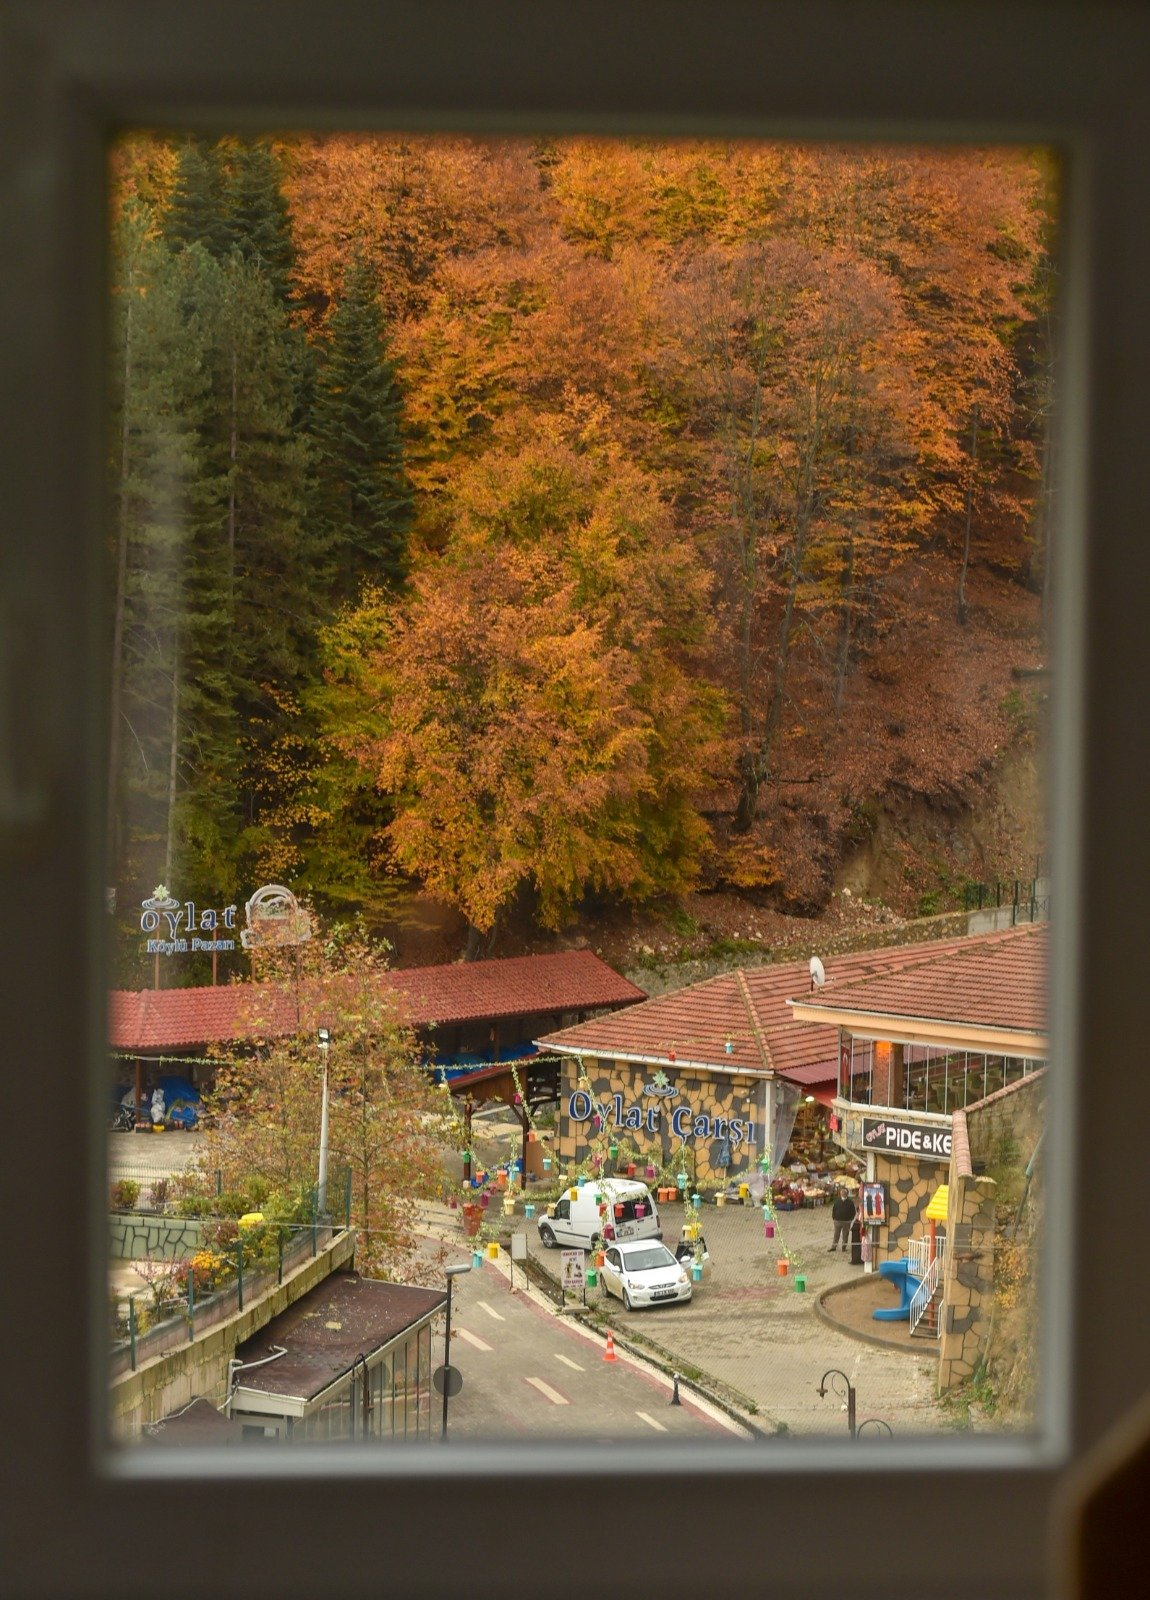 turizm-cenneti-oylatta-sonbahar-guzelligi-013.jpg